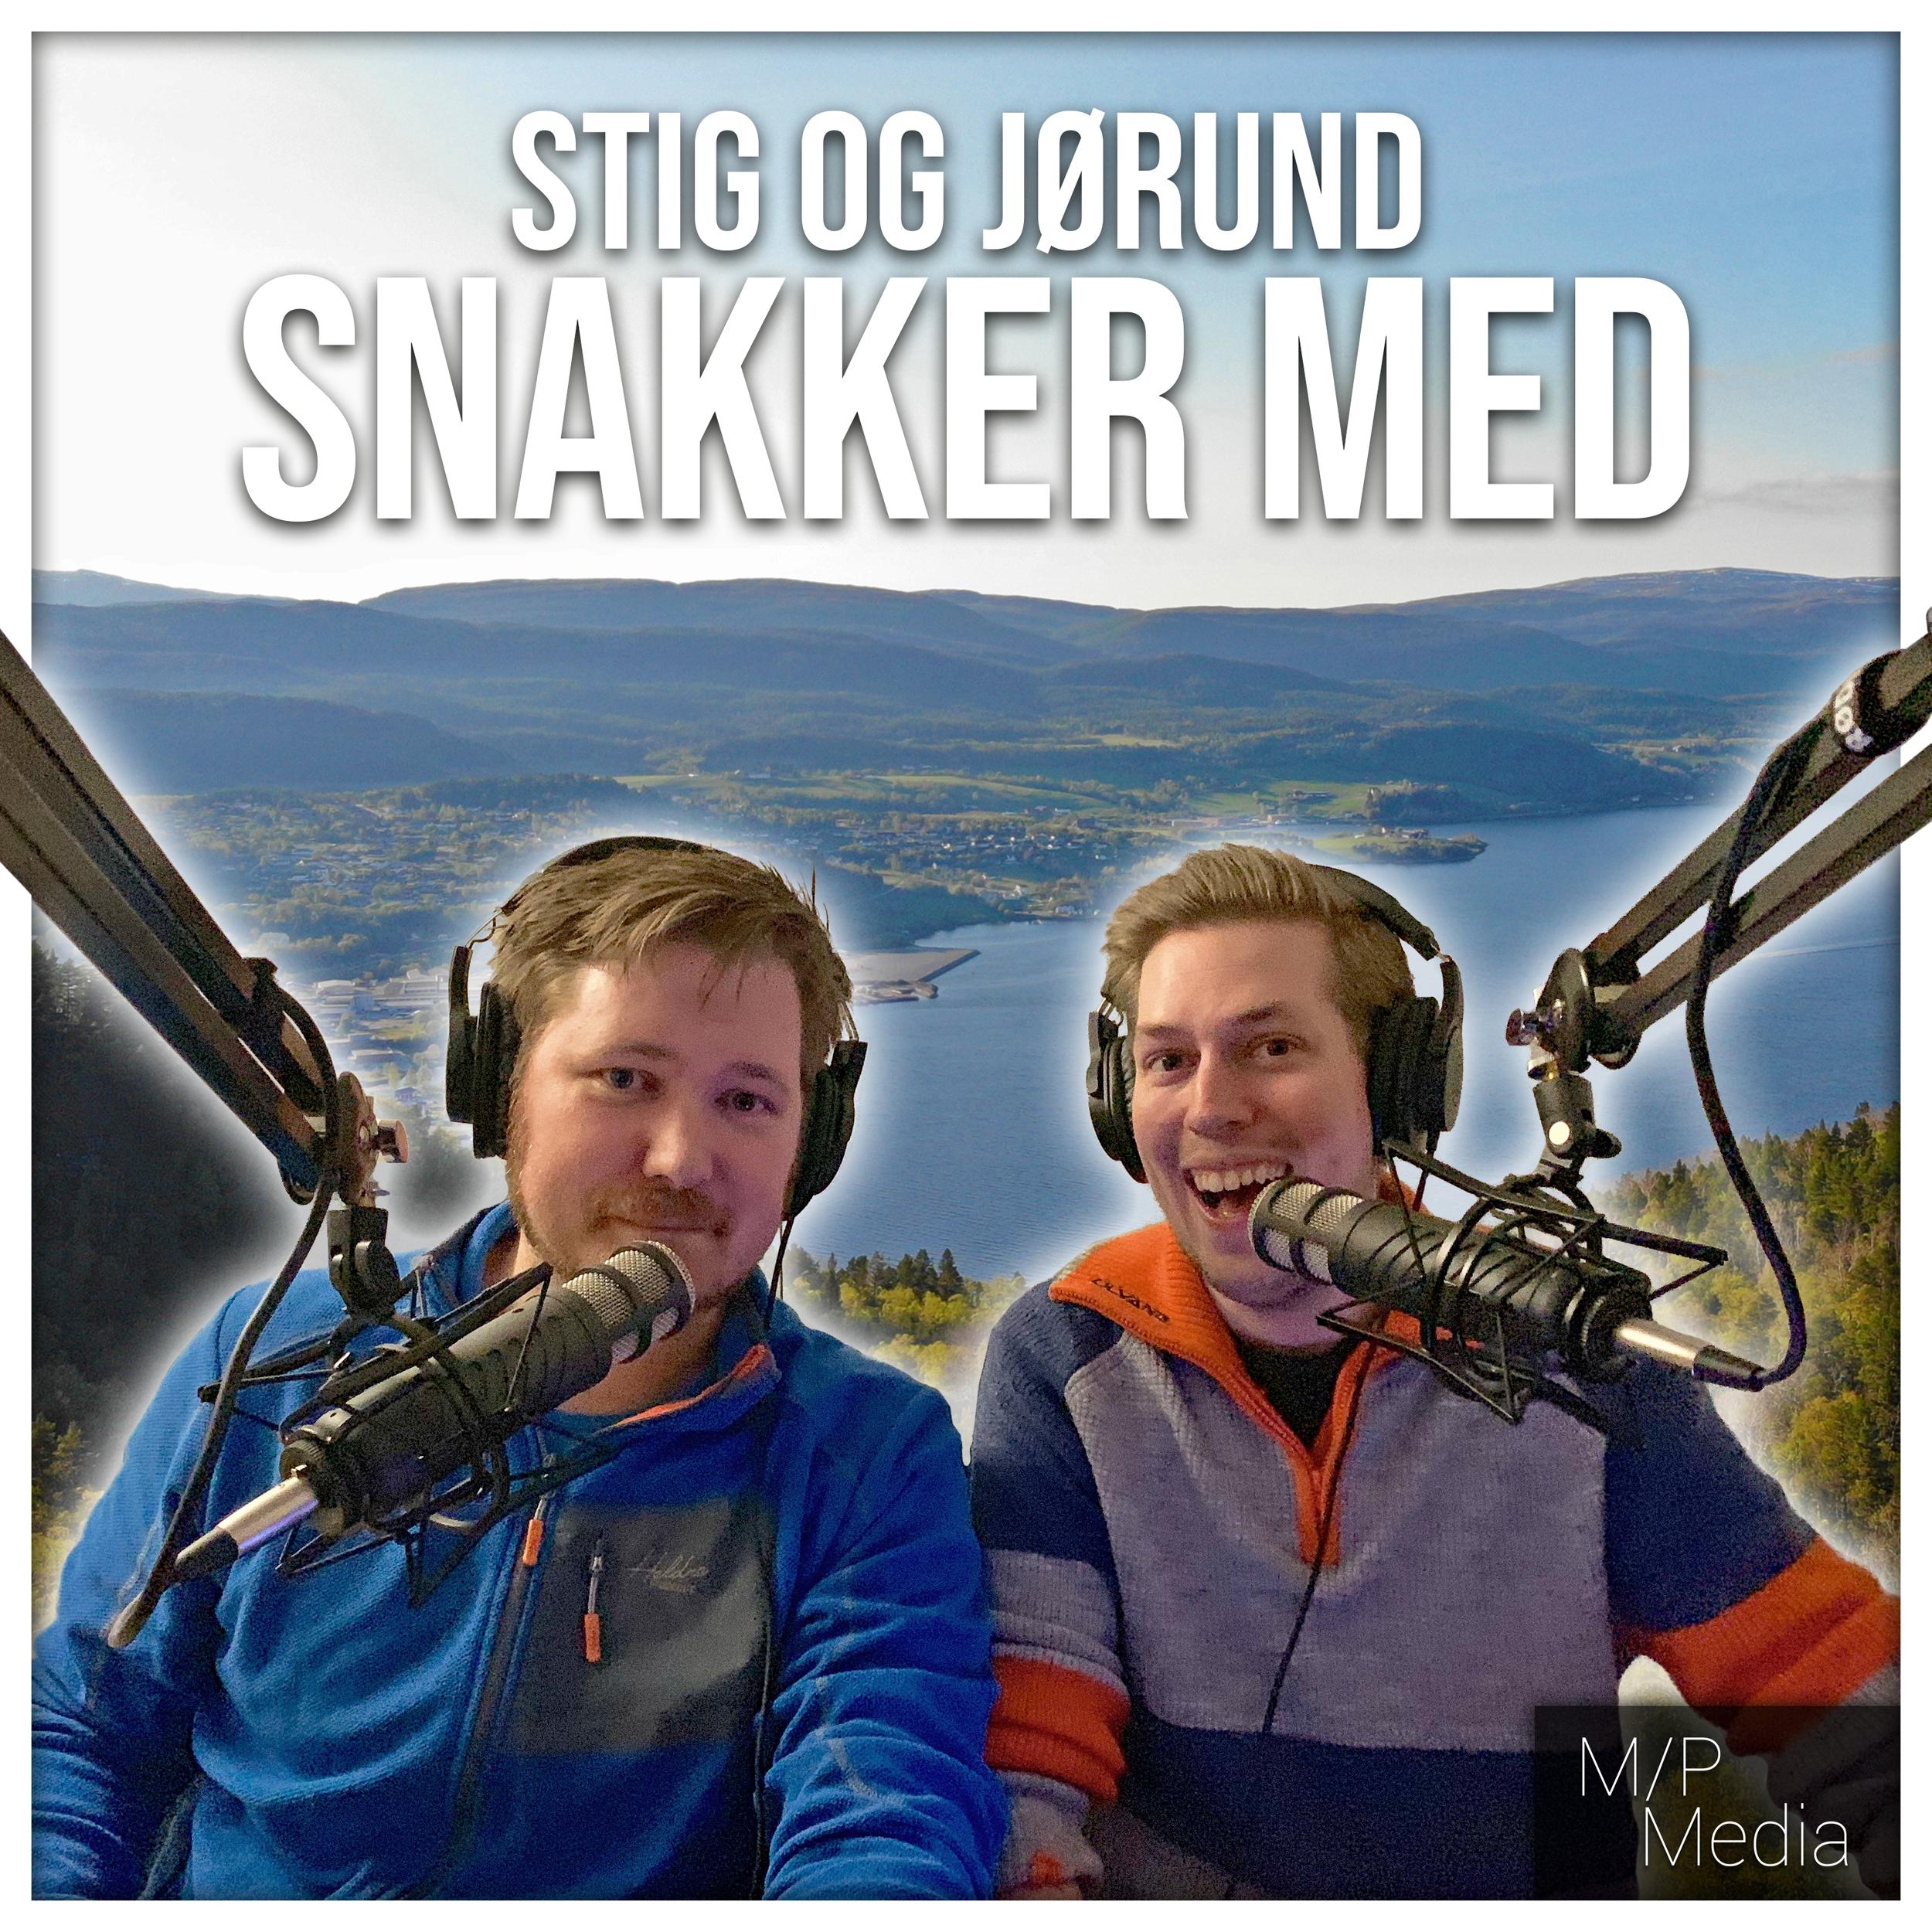 Stig og jørund snakker med - Stig og jørund inviterer gjester til studio for å snakke om stort, smått, alt og ingenting.